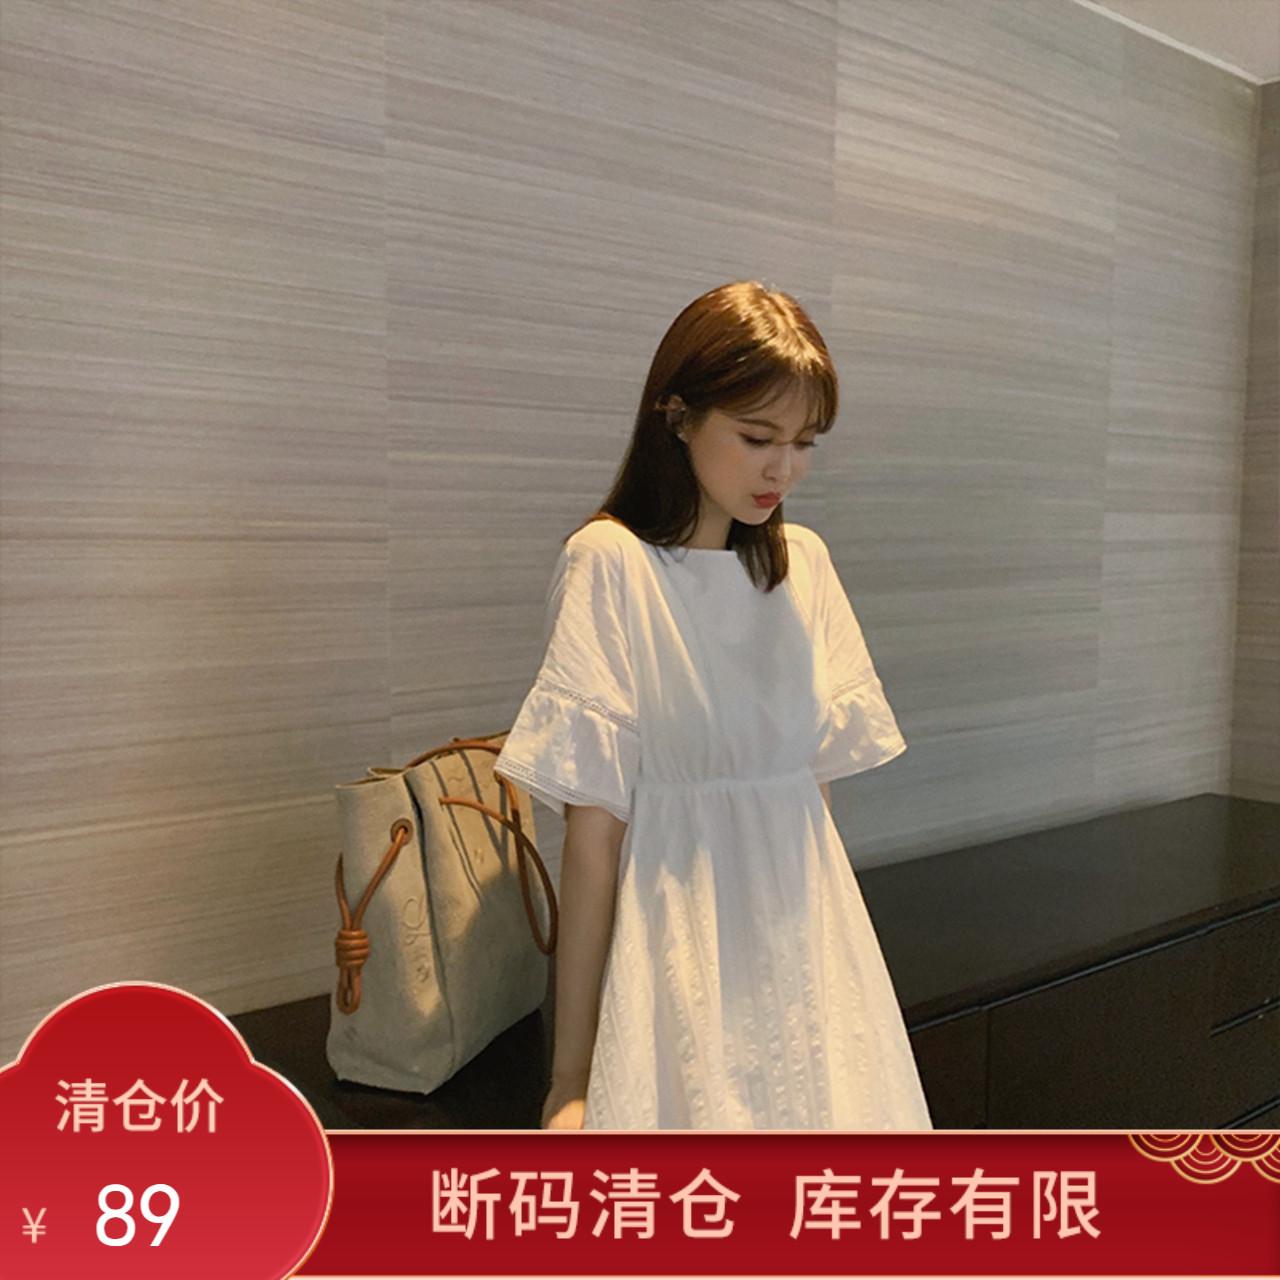 【不退不换】气质连衣裙女装短袖甜美中长款